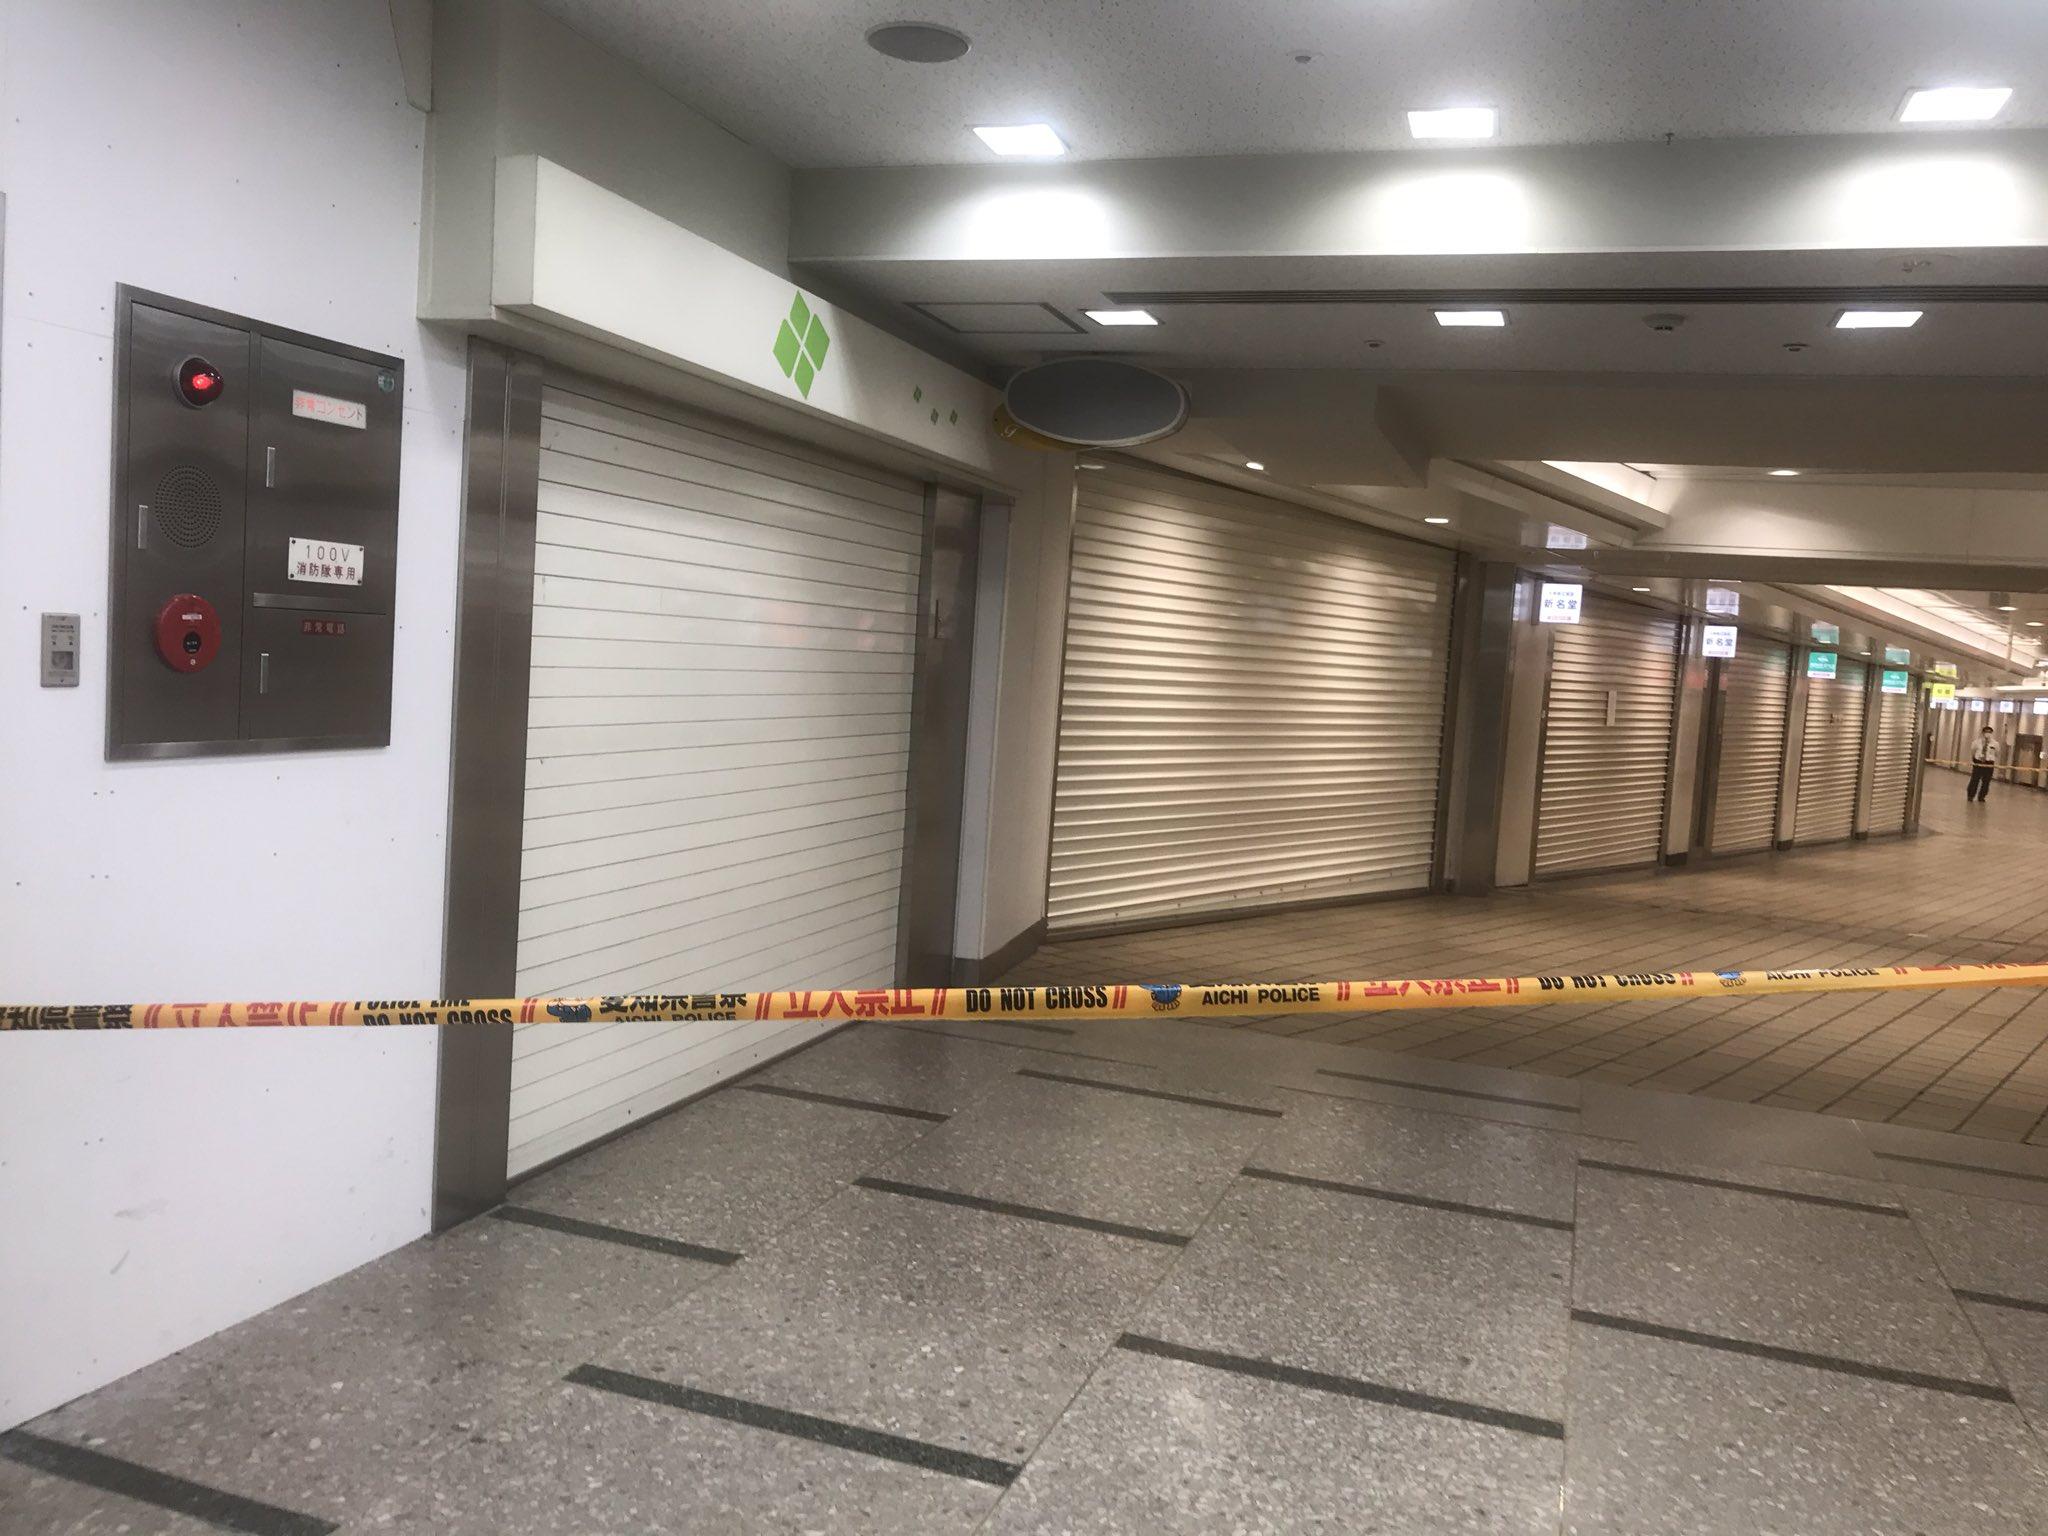 ミヤコ地下街が封鎖されている画像